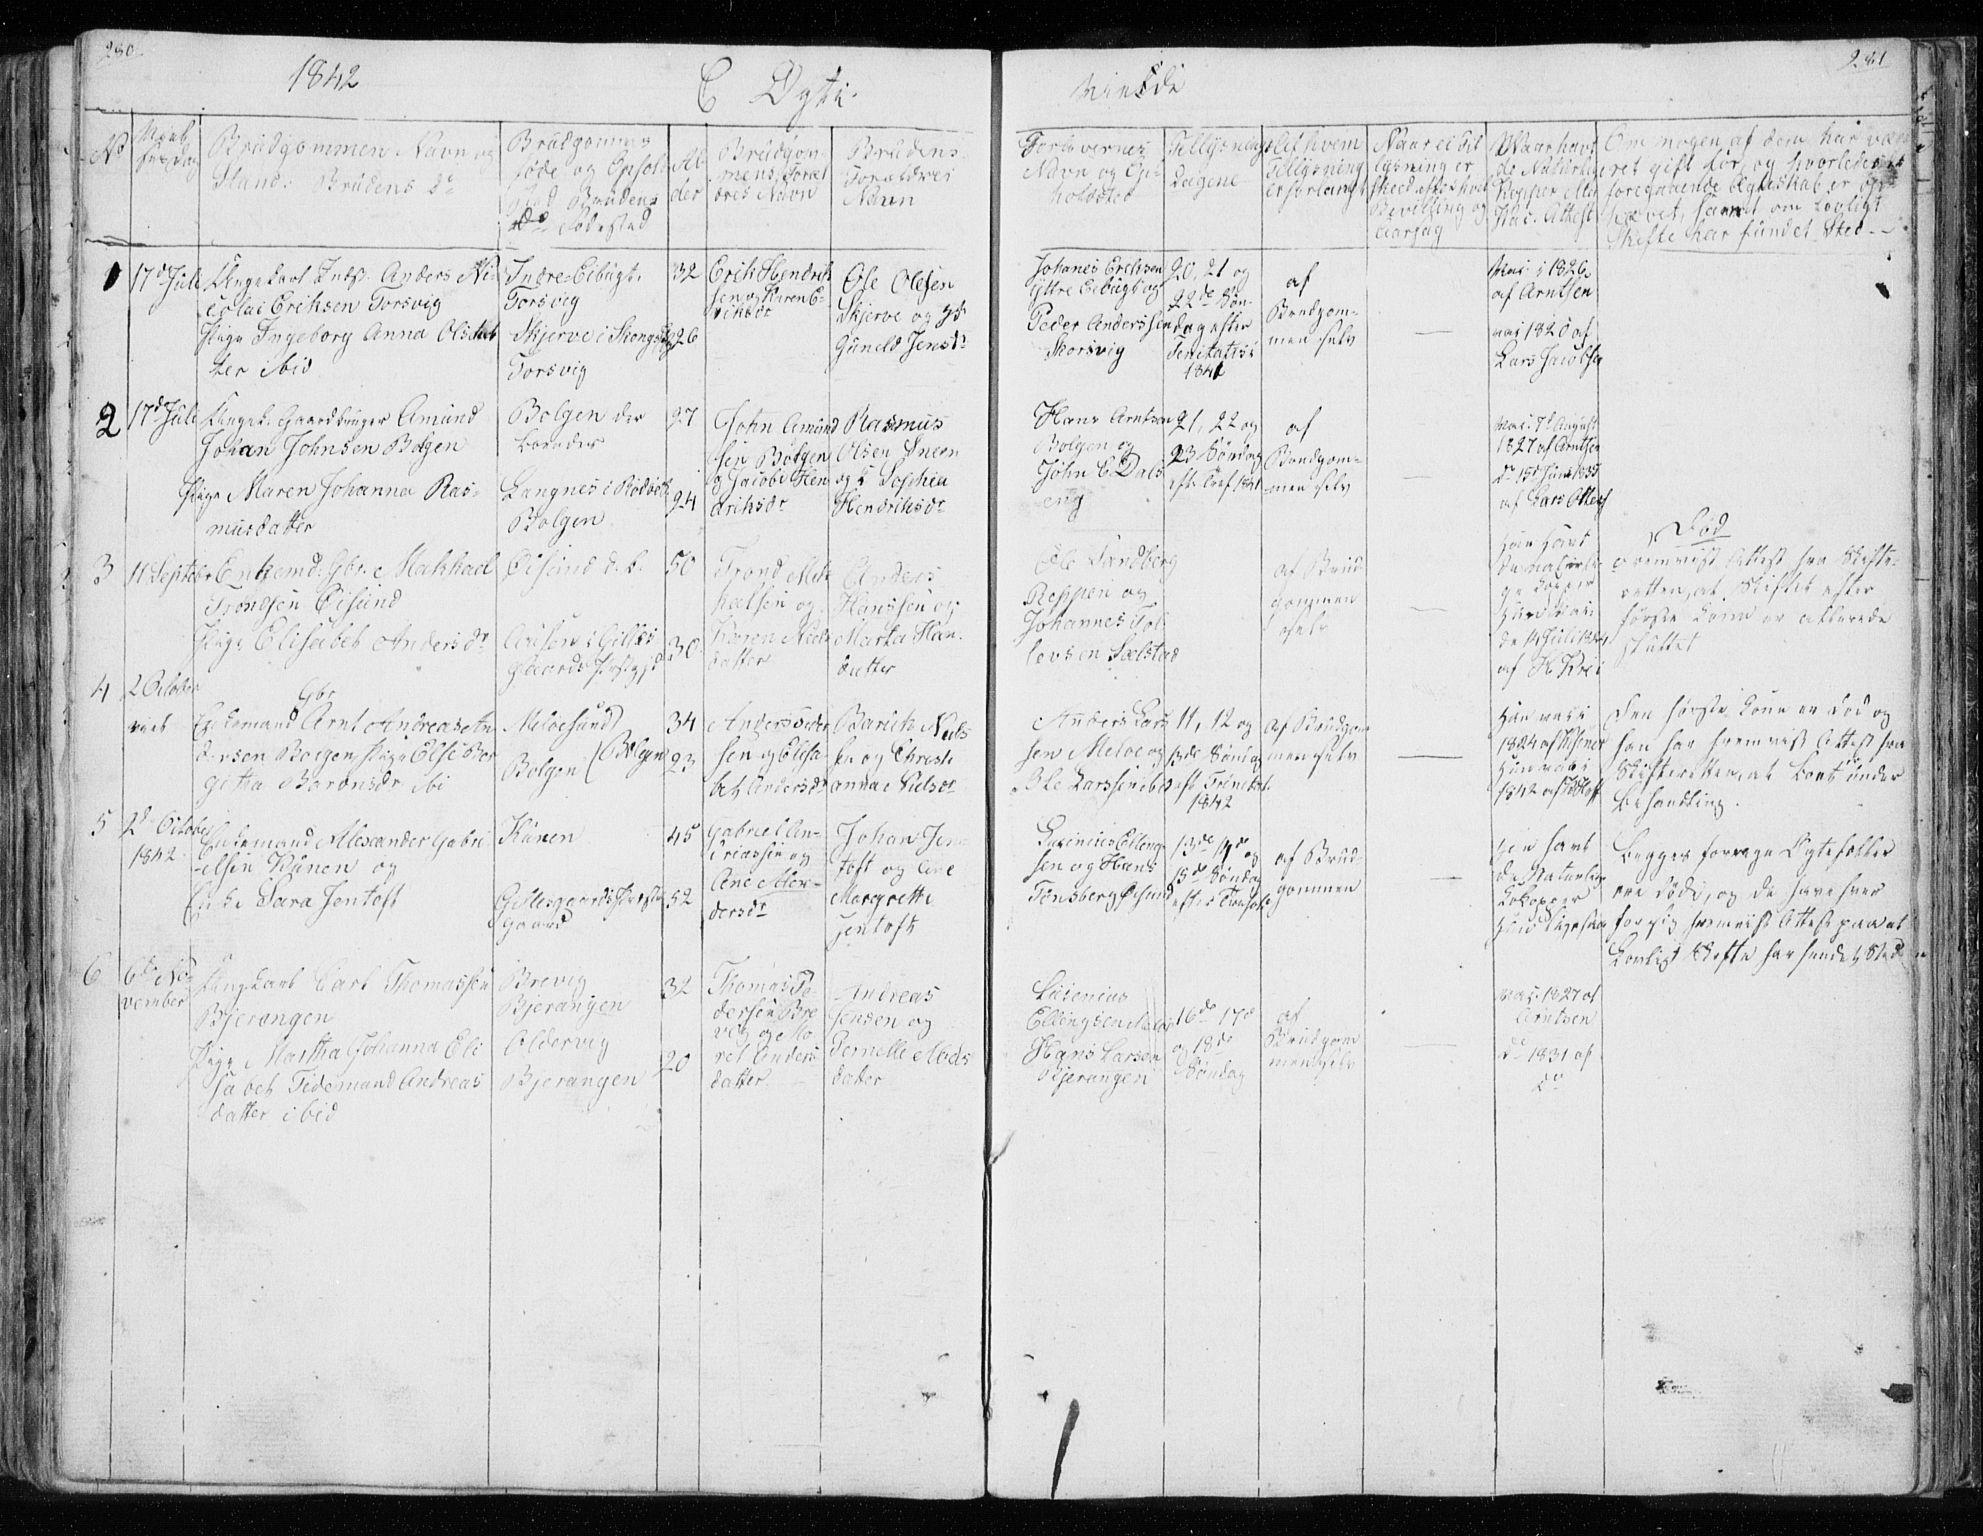 SAT, Ministerialprotokoller, klokkerbøker og fødselsregistre - Nordland, 843/L0632: Parish register (copy) no. 843C01, 1833-1853, p. 280-281